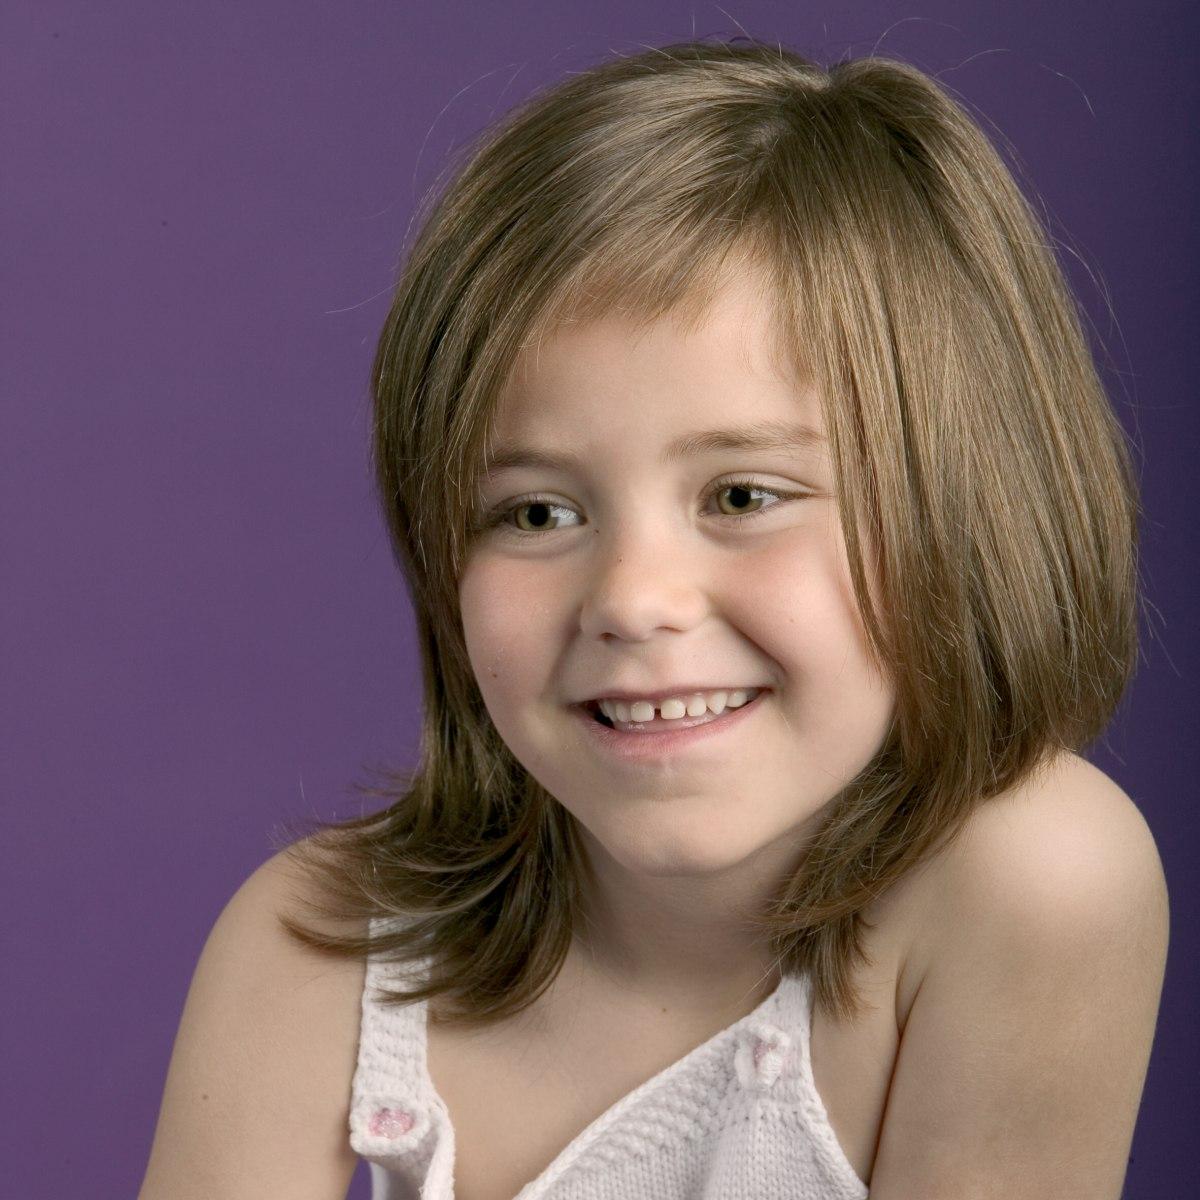 Moderne Frisur Fur Madchen Mit Kinnlangem Haar